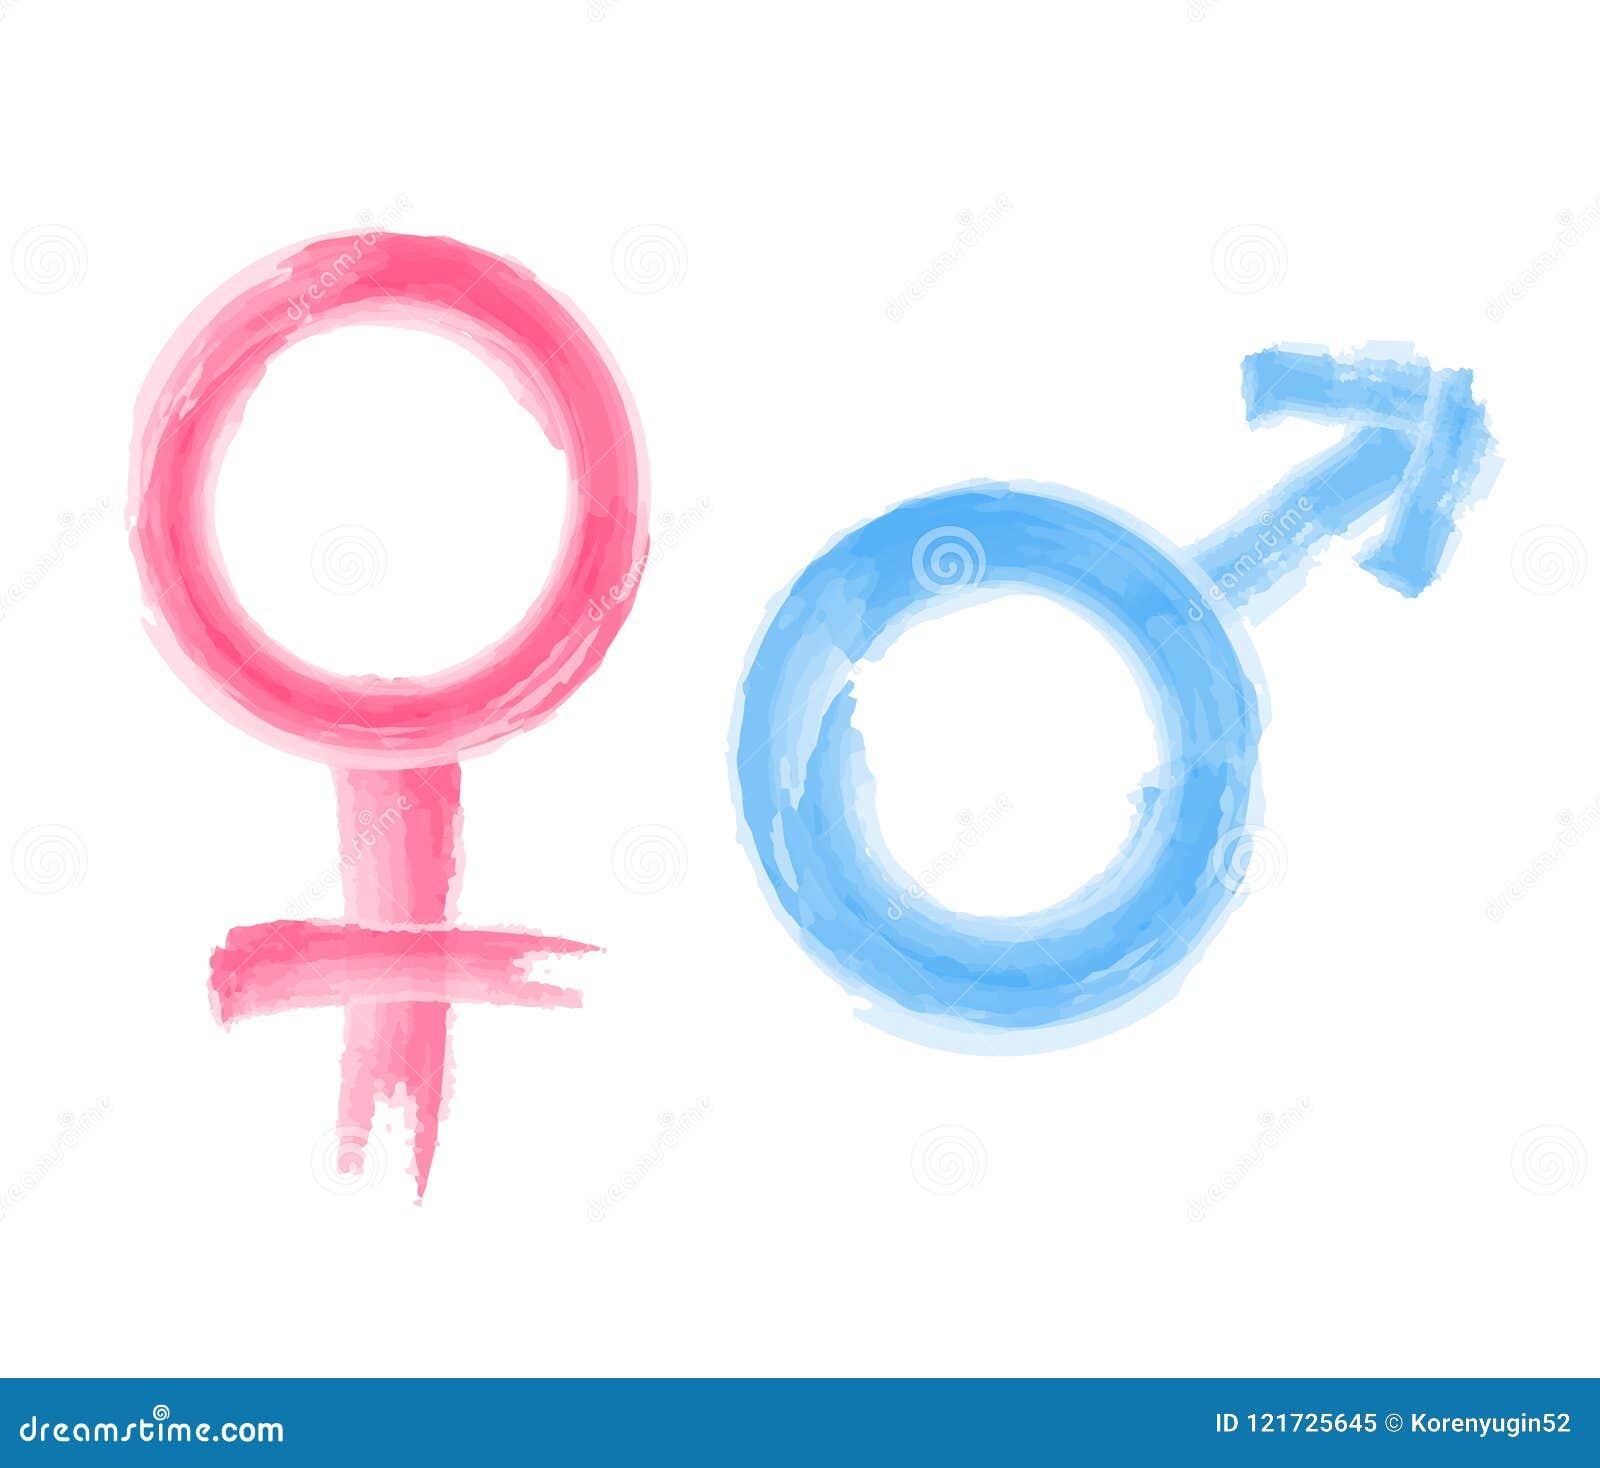 Pintura Da Aquarela Do Símbolo Do Homem E Da Mulher 6e80ee25795